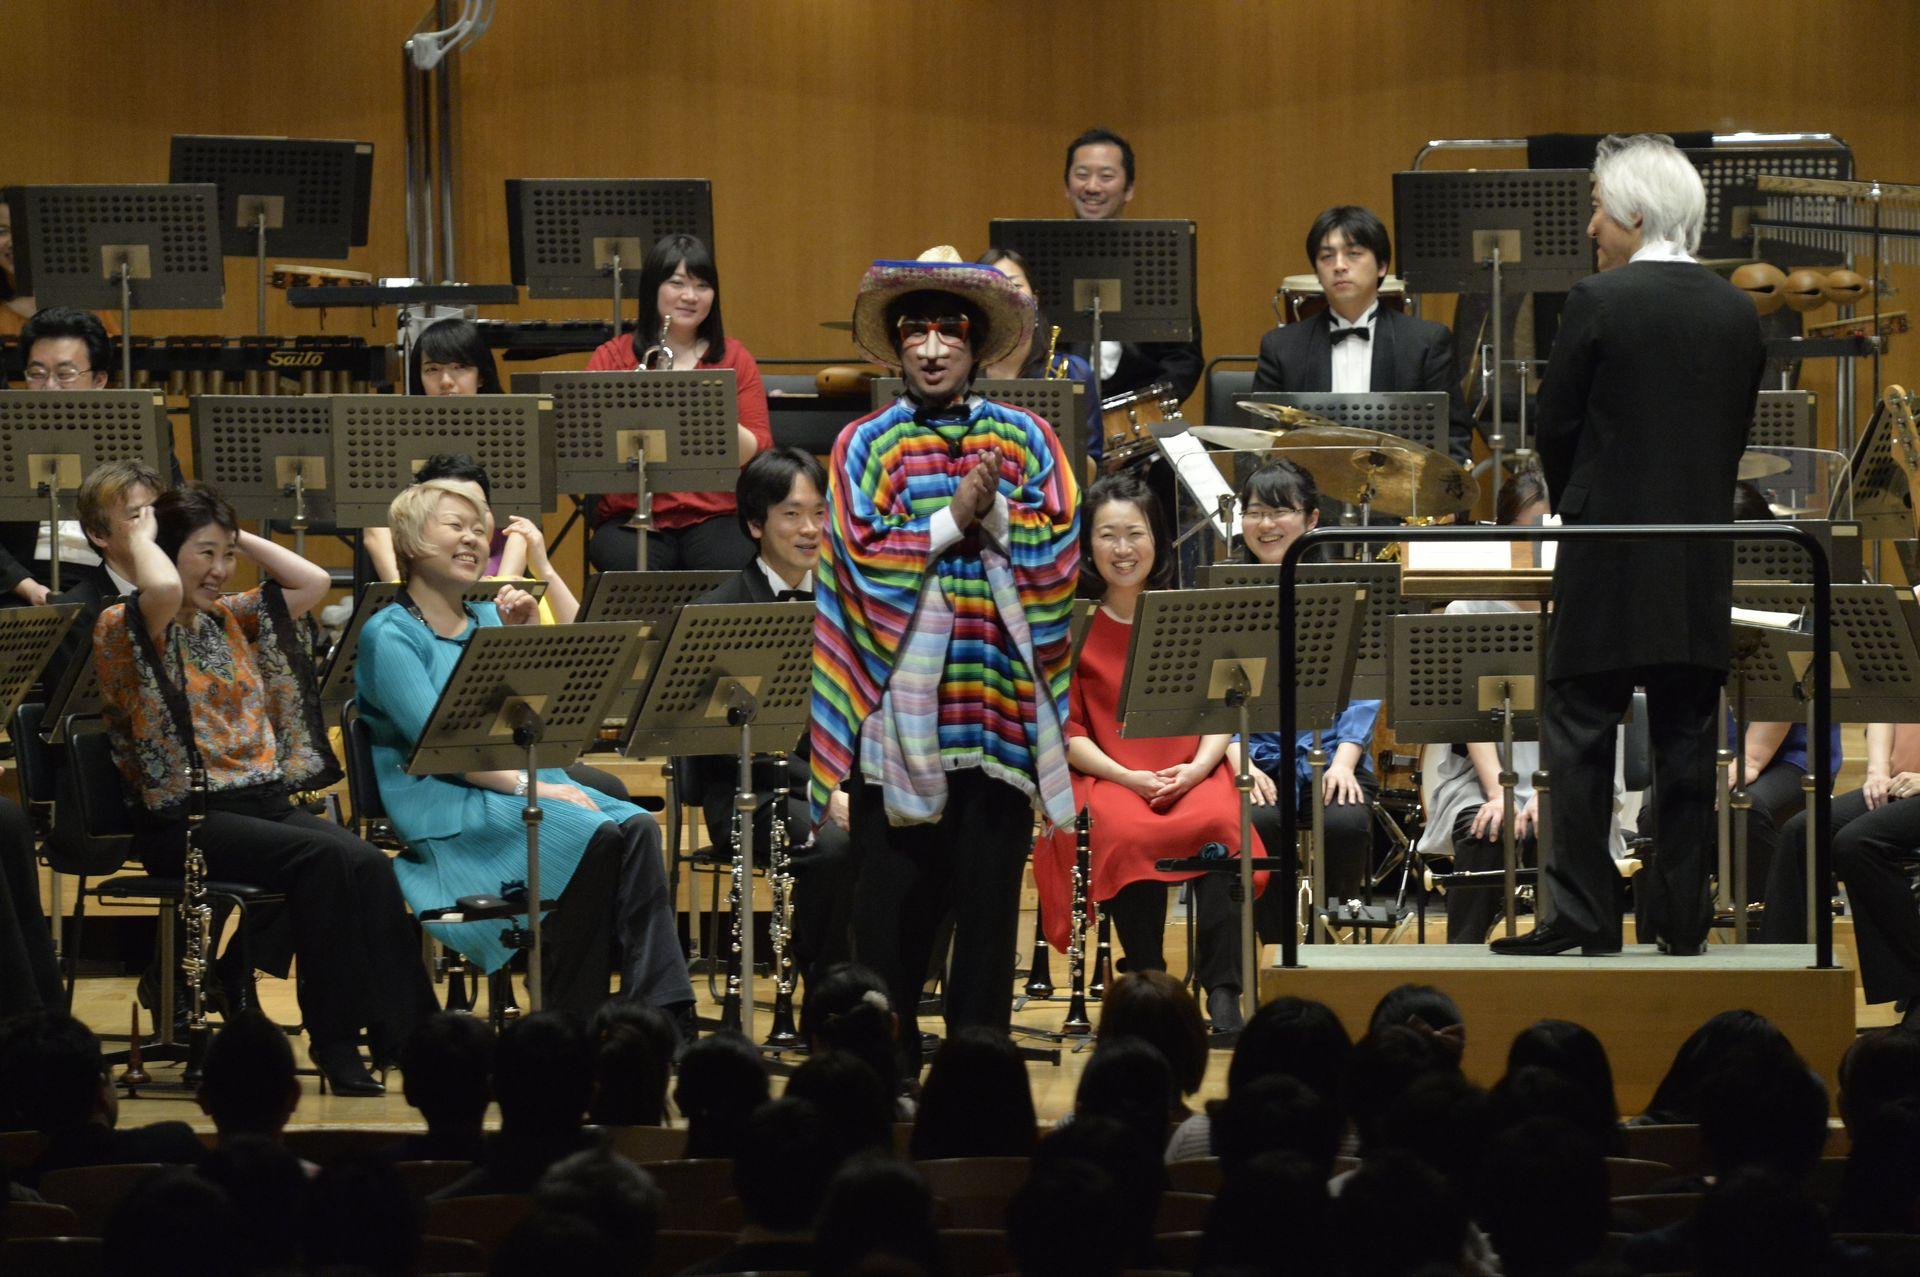 ある意味第1部のハイライトとなった打楽器奏者 東佳樹氏によるボディーパーカッション「モーグリのテーマ」(FINAL FANTASY V)